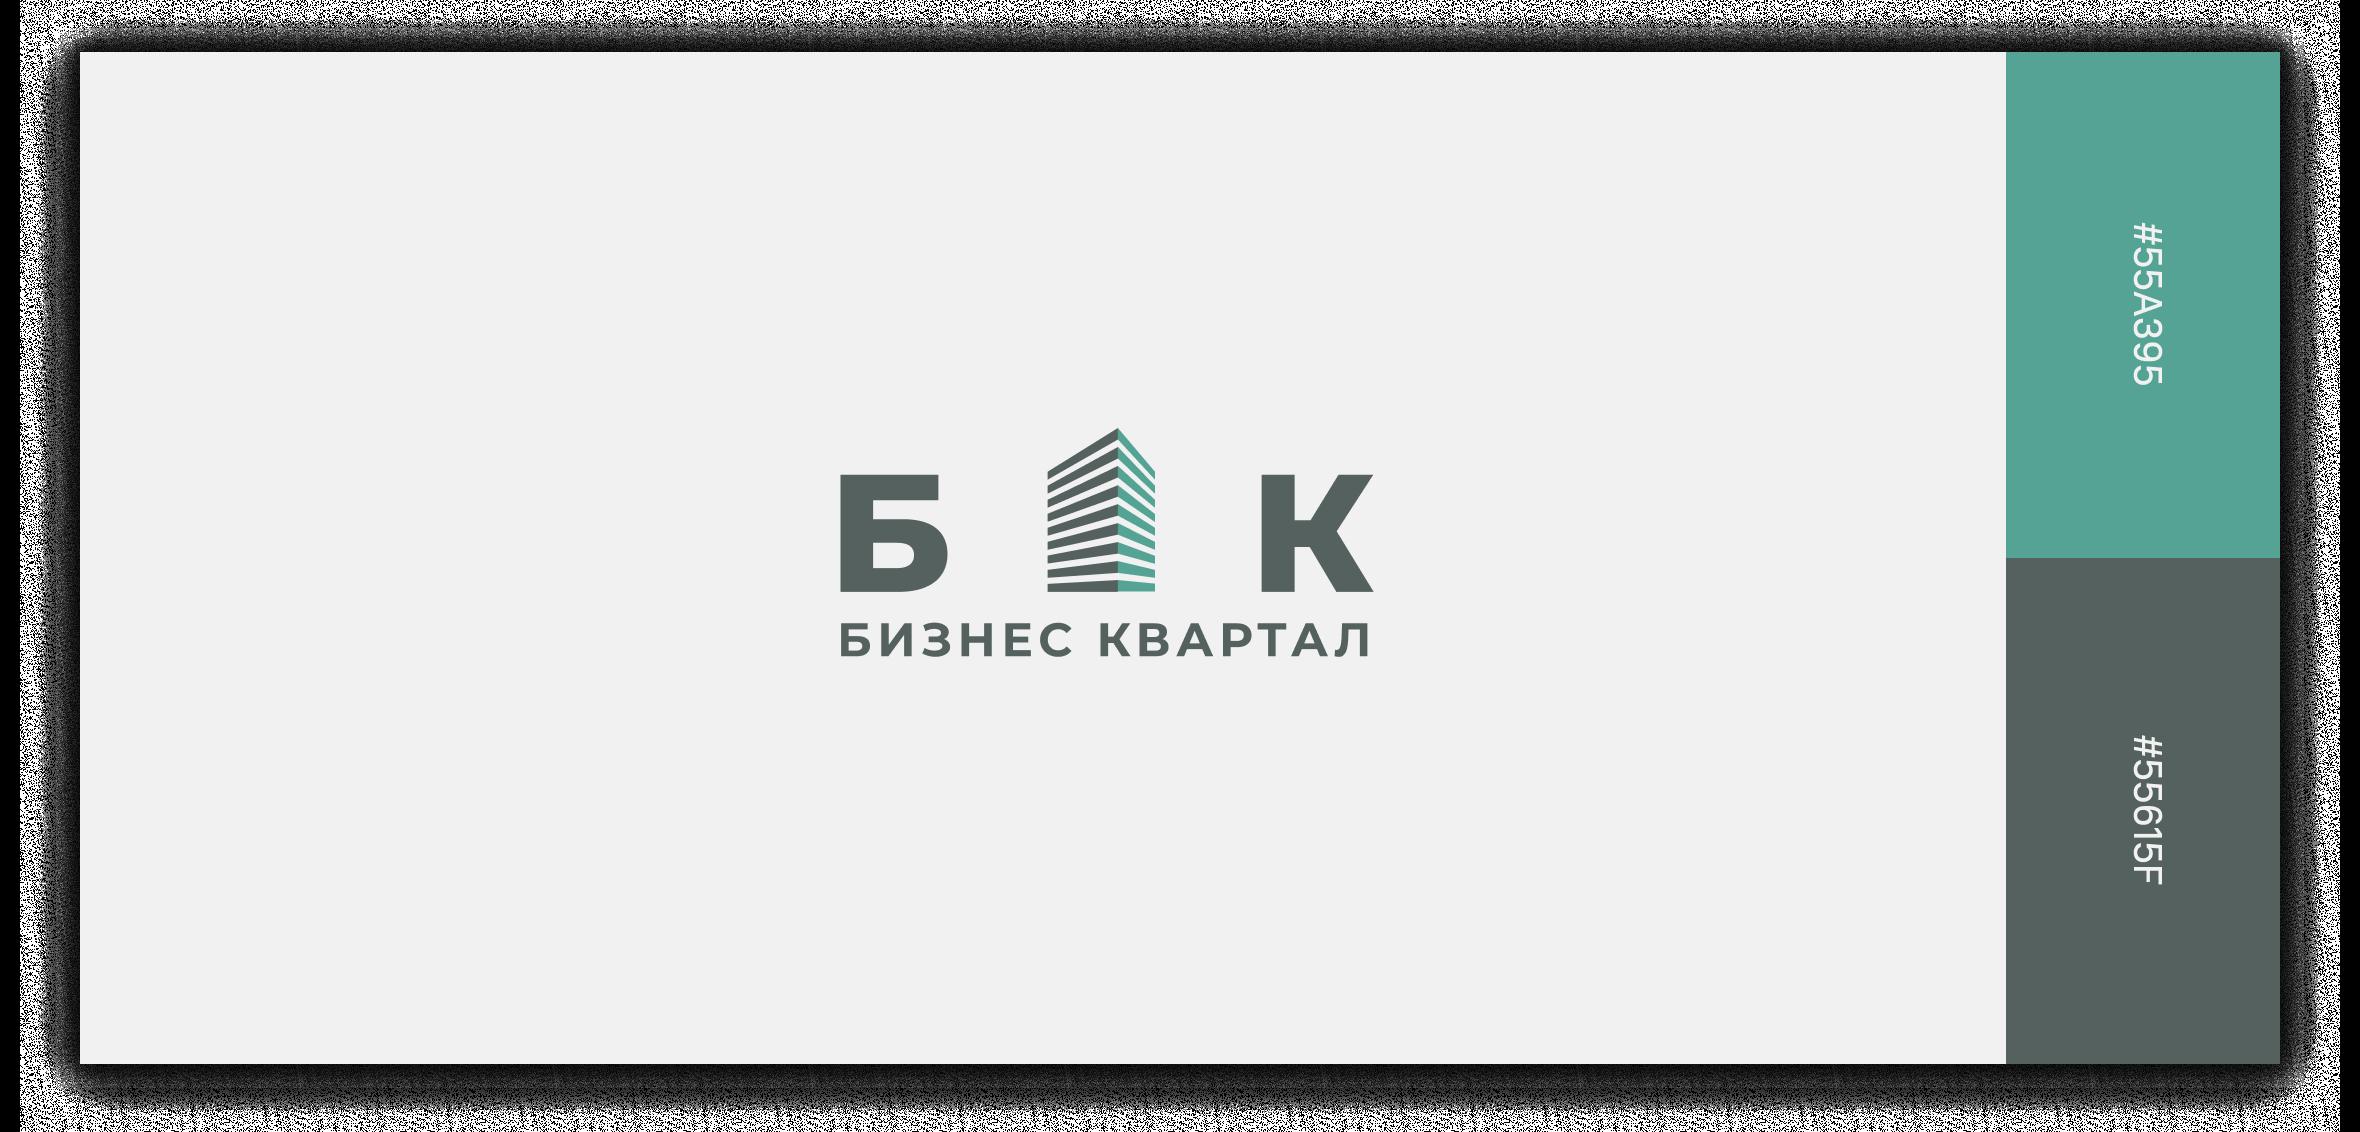 """Создание дизайна сайта и логотипа для компании """"Бизнес квартал"""" 4"""